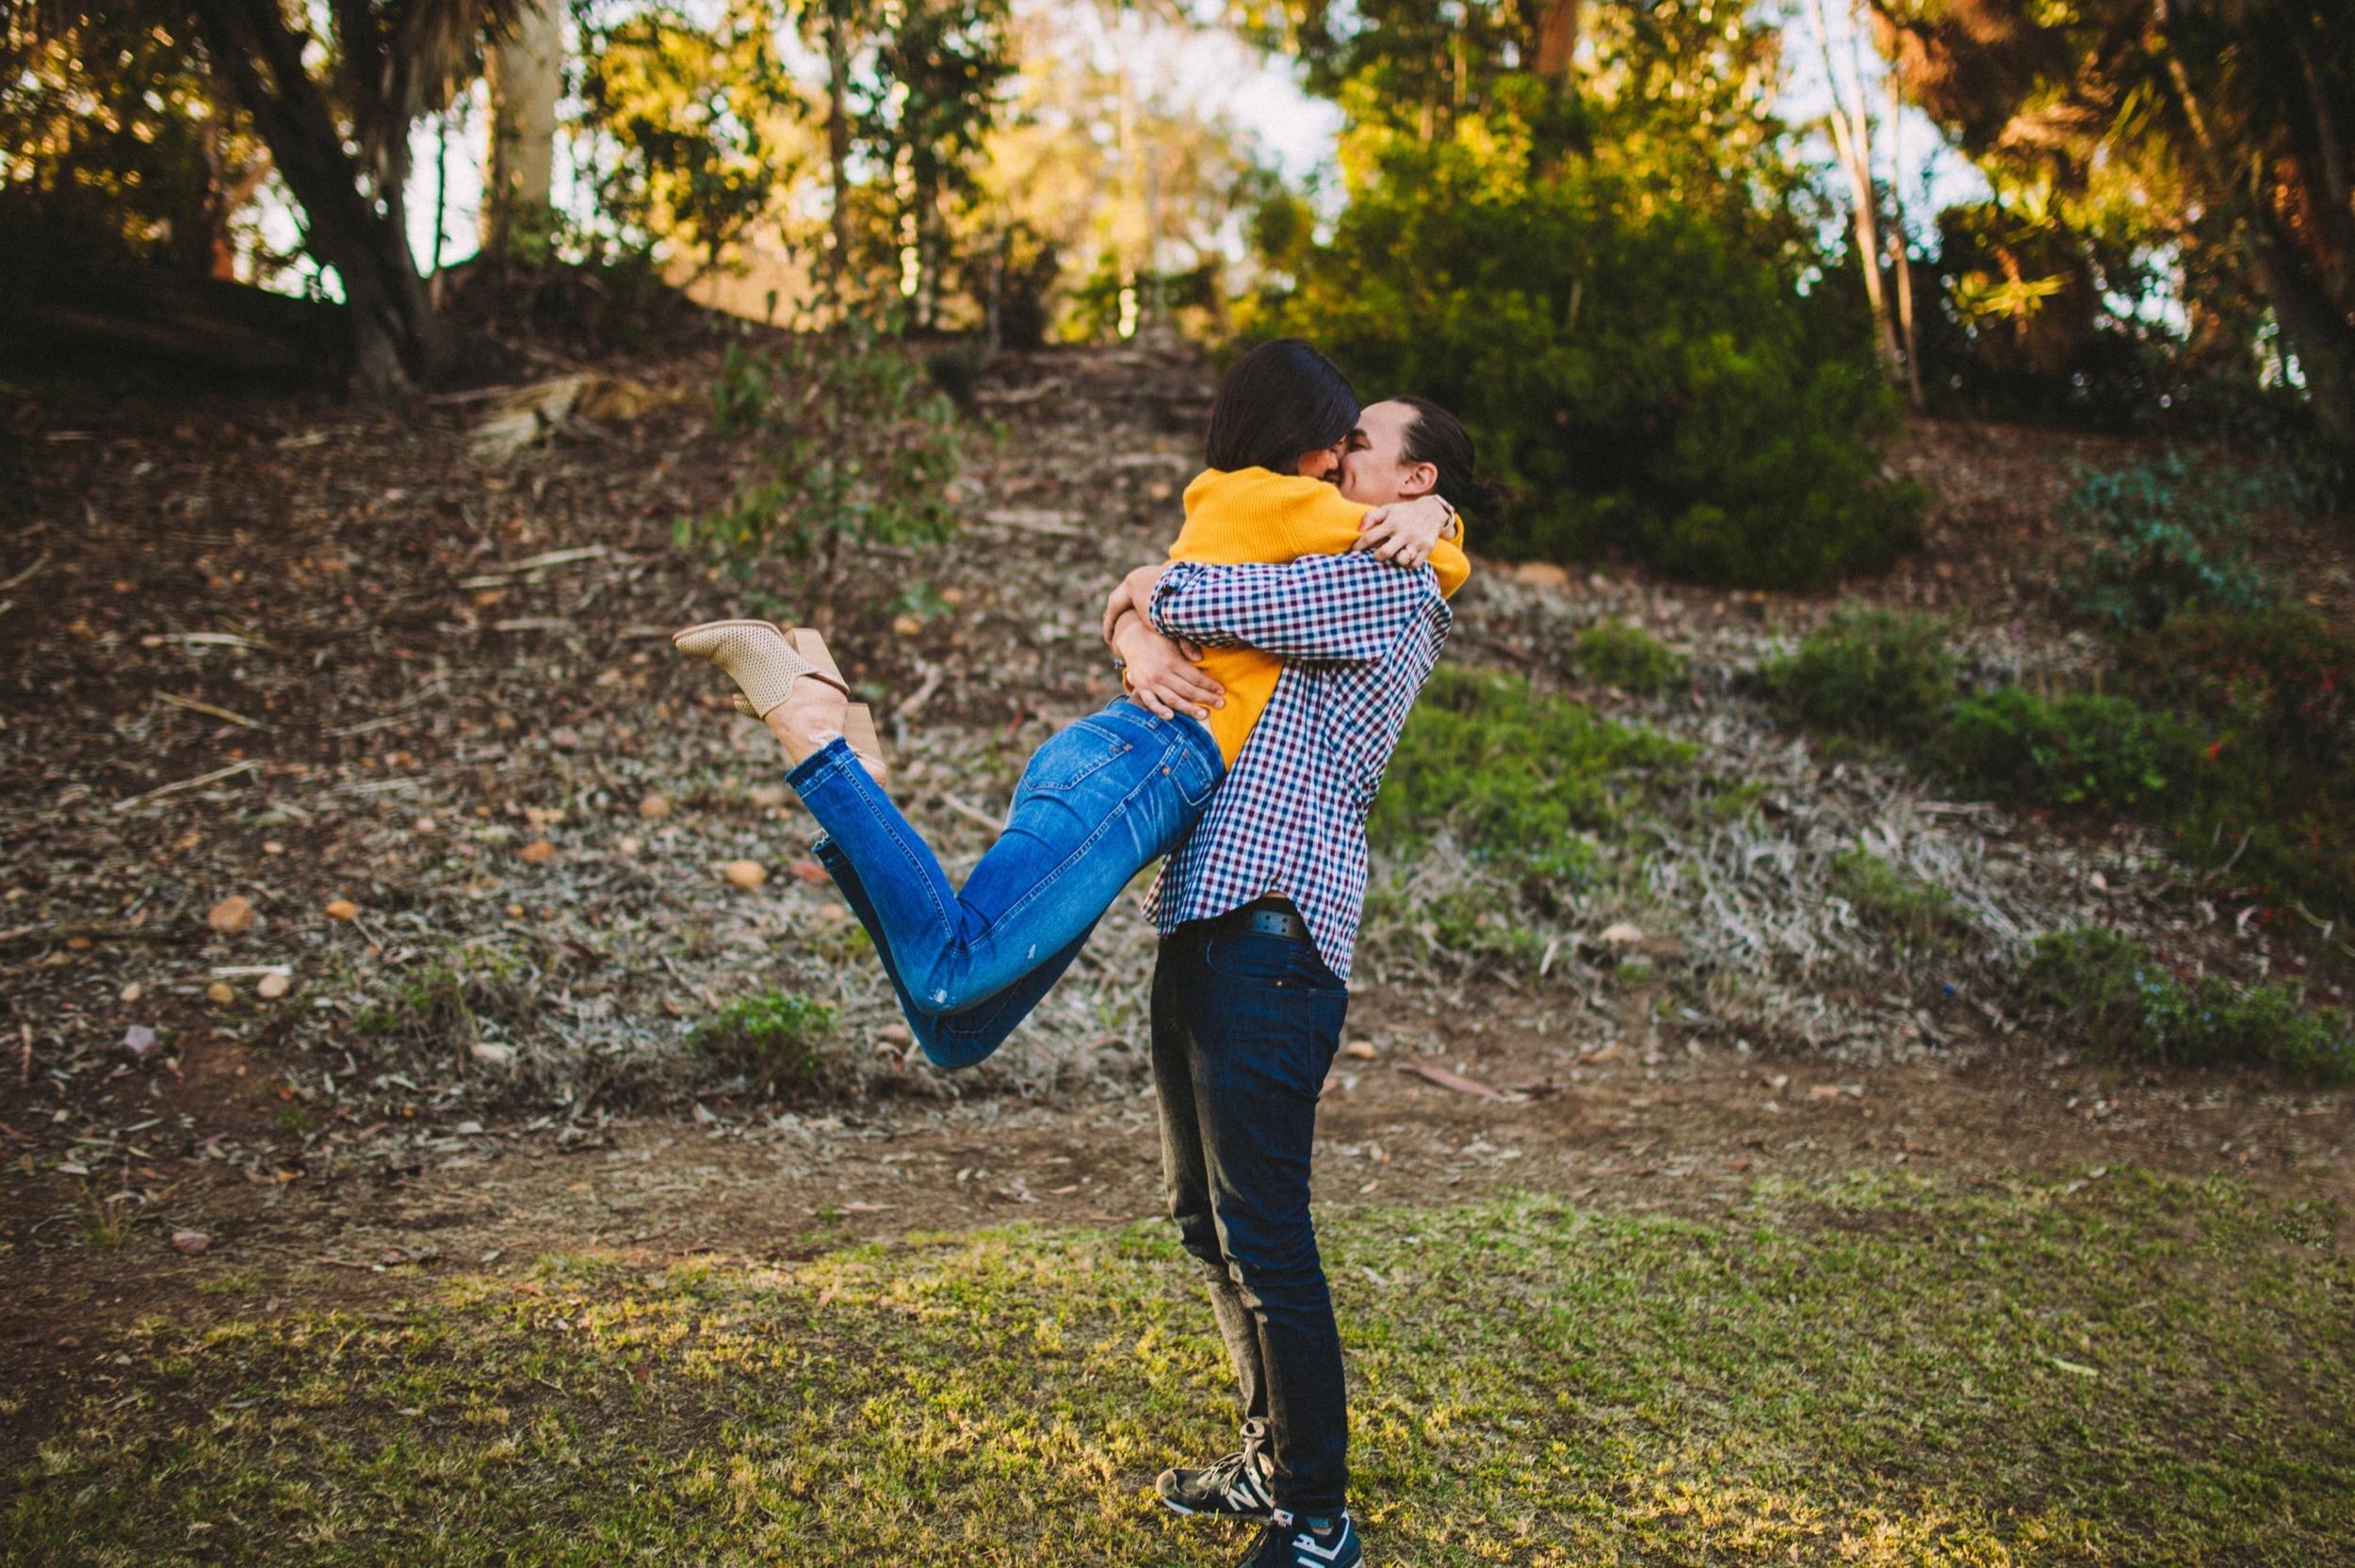 San Diego Photographer Presidio Park Couples Photography-14.jpg